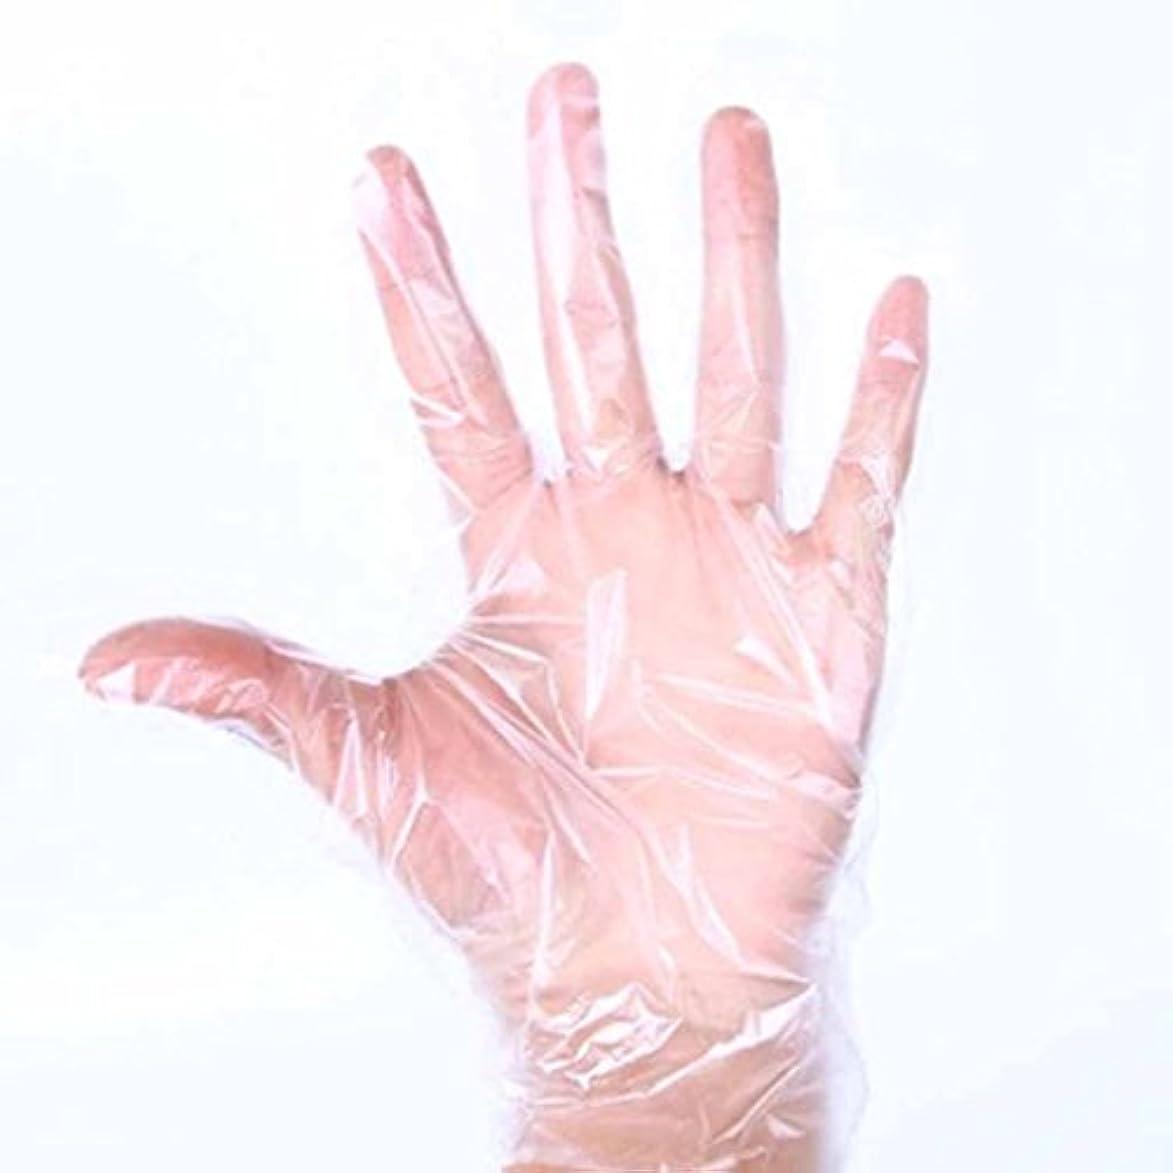 九時四十五分リマヘルパー使い捨て手袋 食品グレードの透明な使い捨て手袋環境保護防水手袋 (Size : XL)